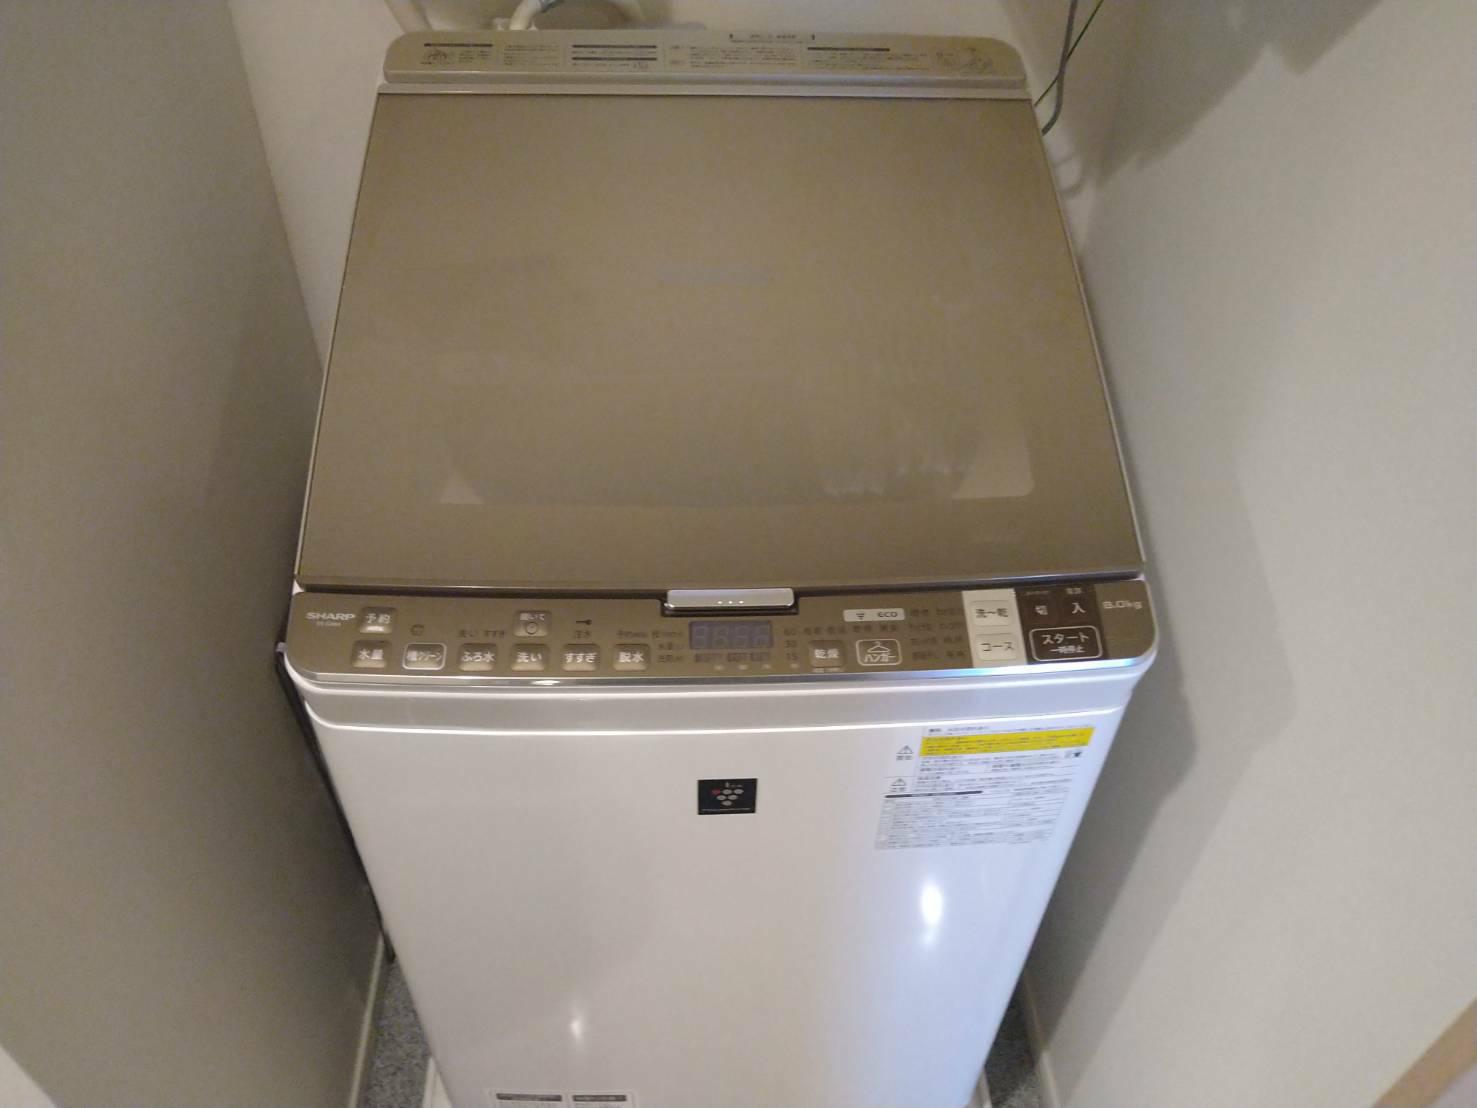 神奈川県川崎市の洗濯機の回収前